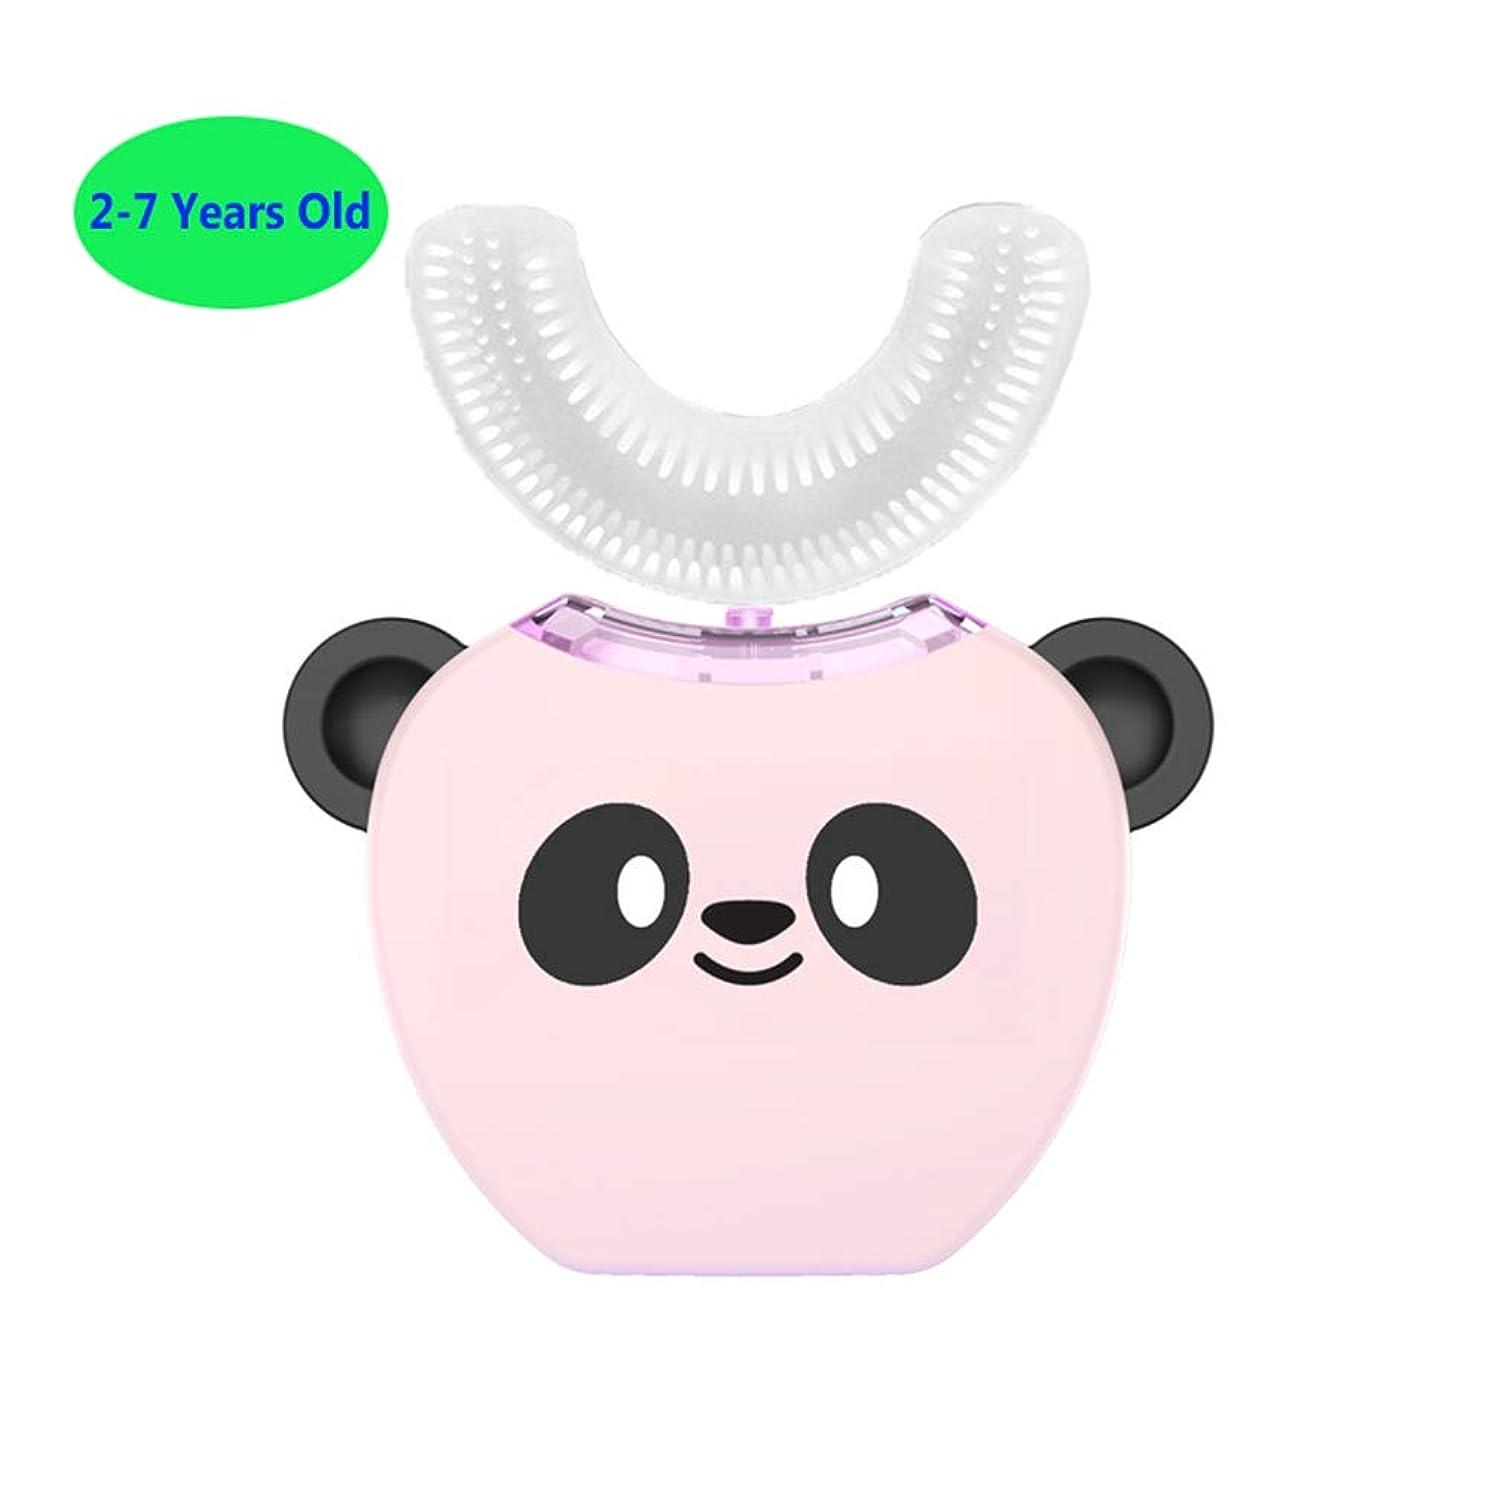 醜い時計騒子供のためのフルオートの電動歯ブラシ、360°超音波電動歯ブラシ、冷光、美白装置、自動歯ブラシ、ワイヤレス充電ドック,Pink,2/7Years